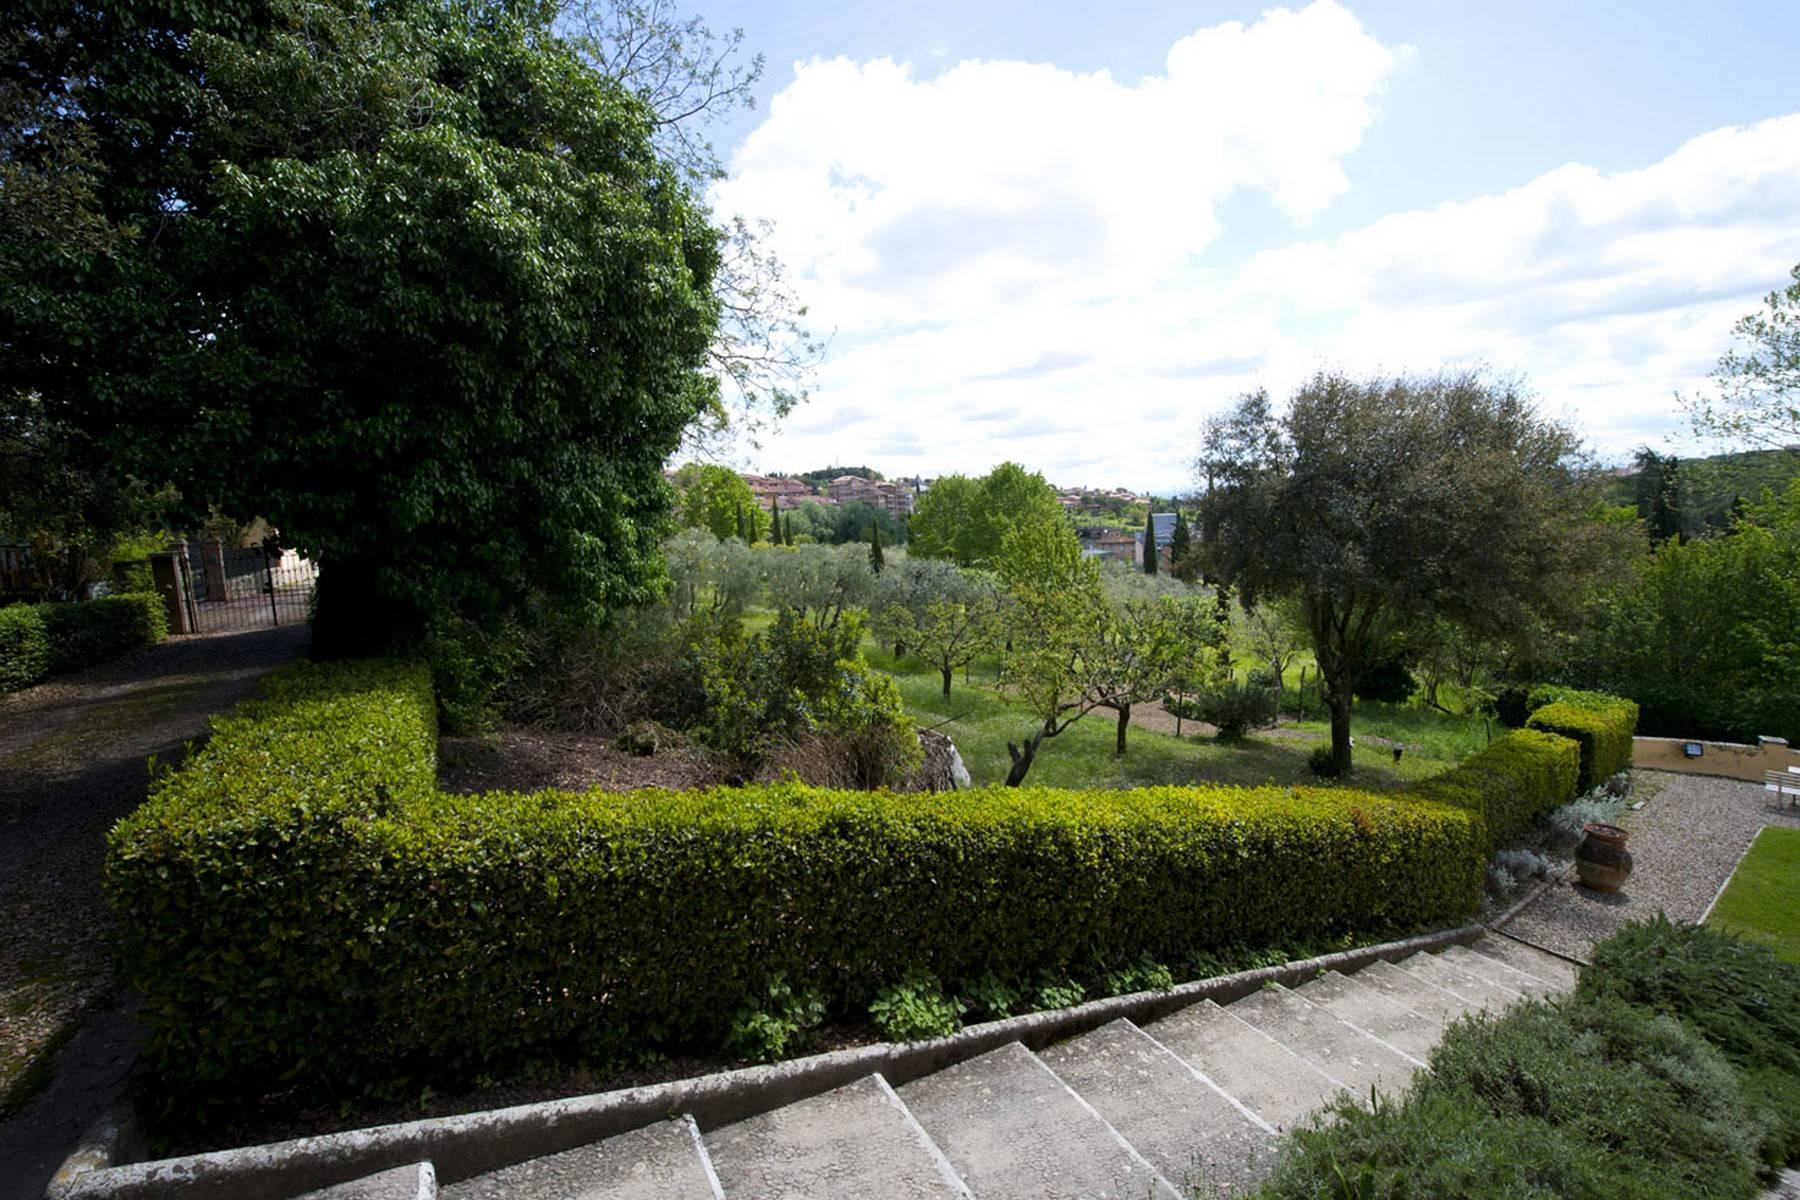 Villa aristocratique à vendre sur les collines de Sienne - 29